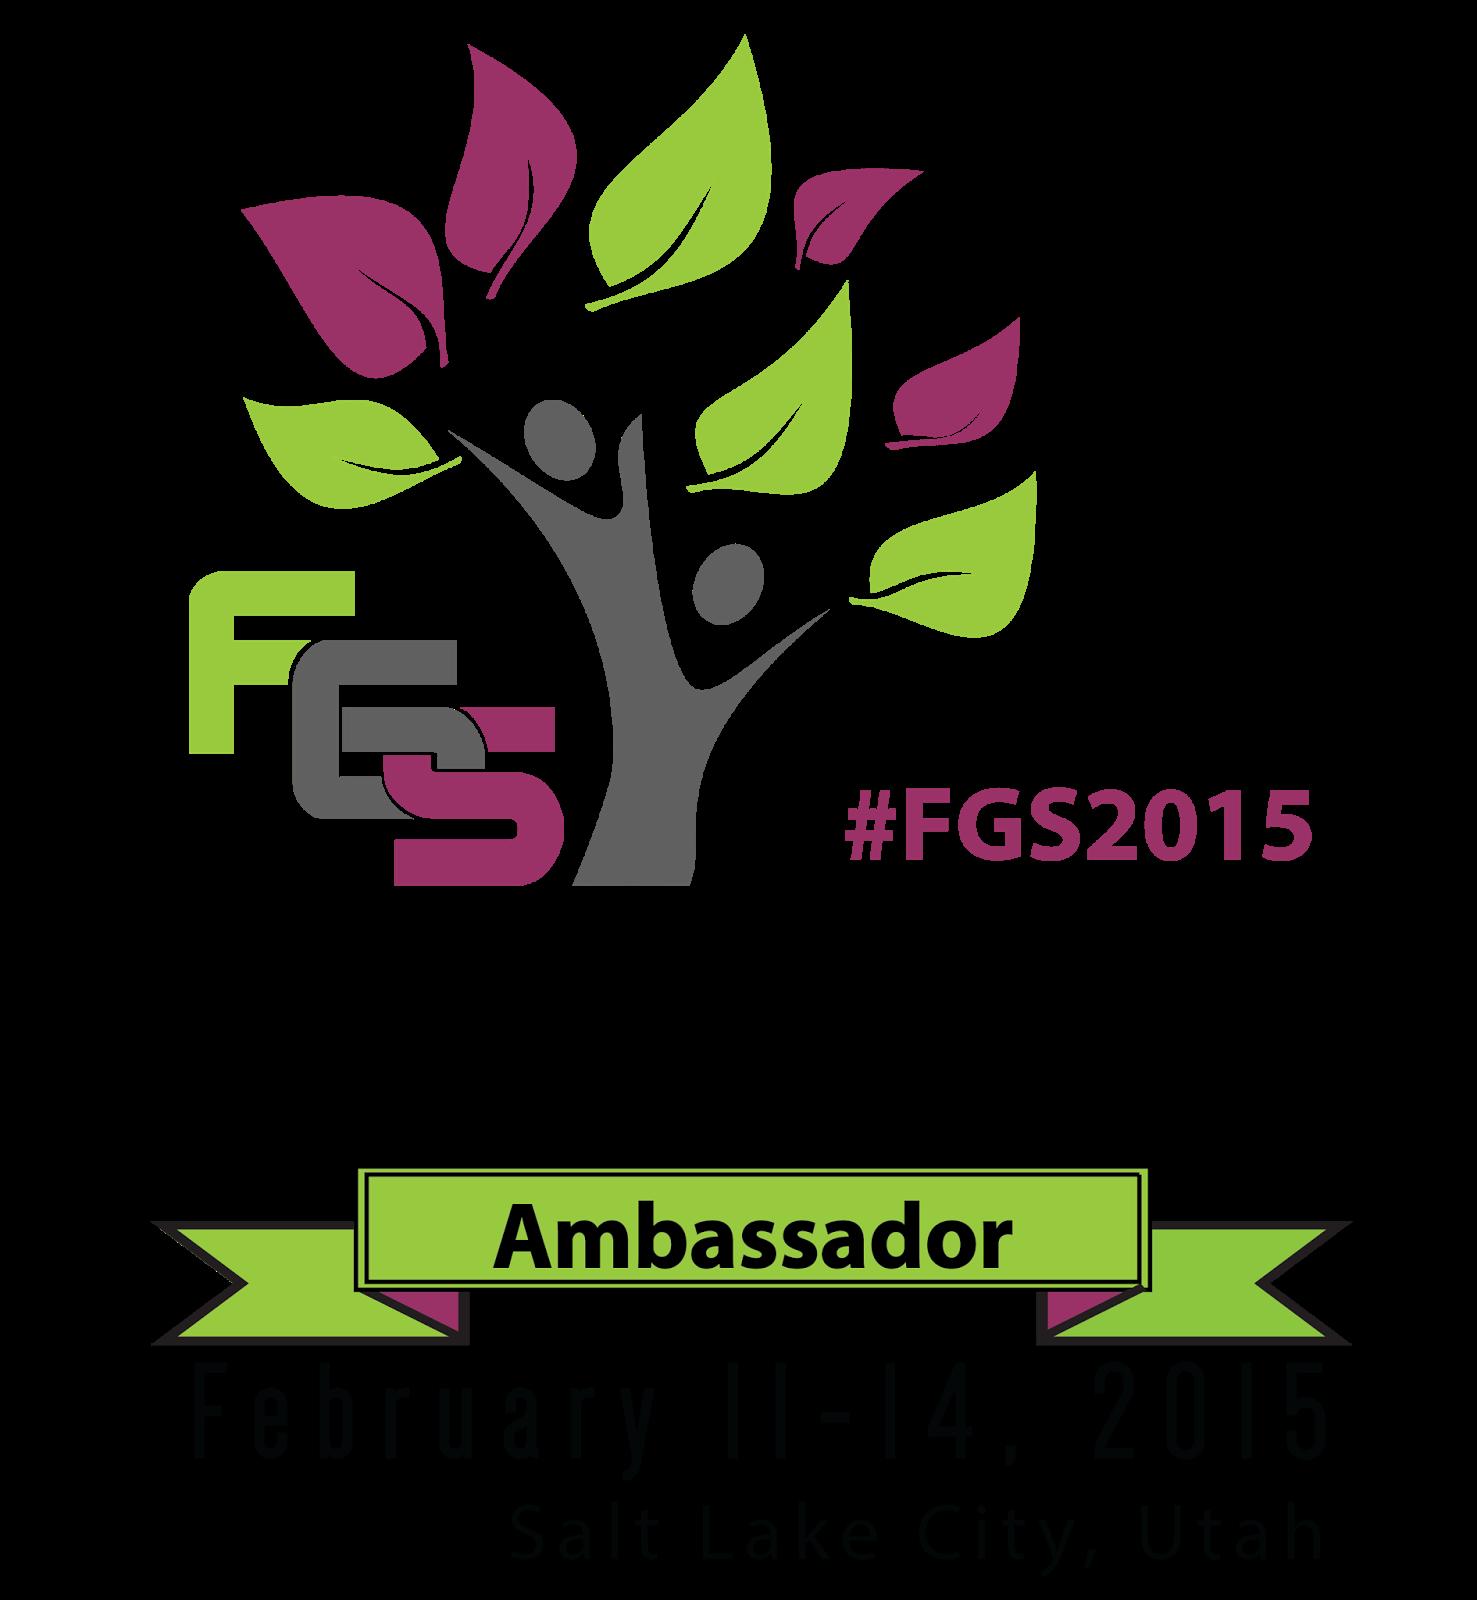 FGS 2015 Ambassador Logo